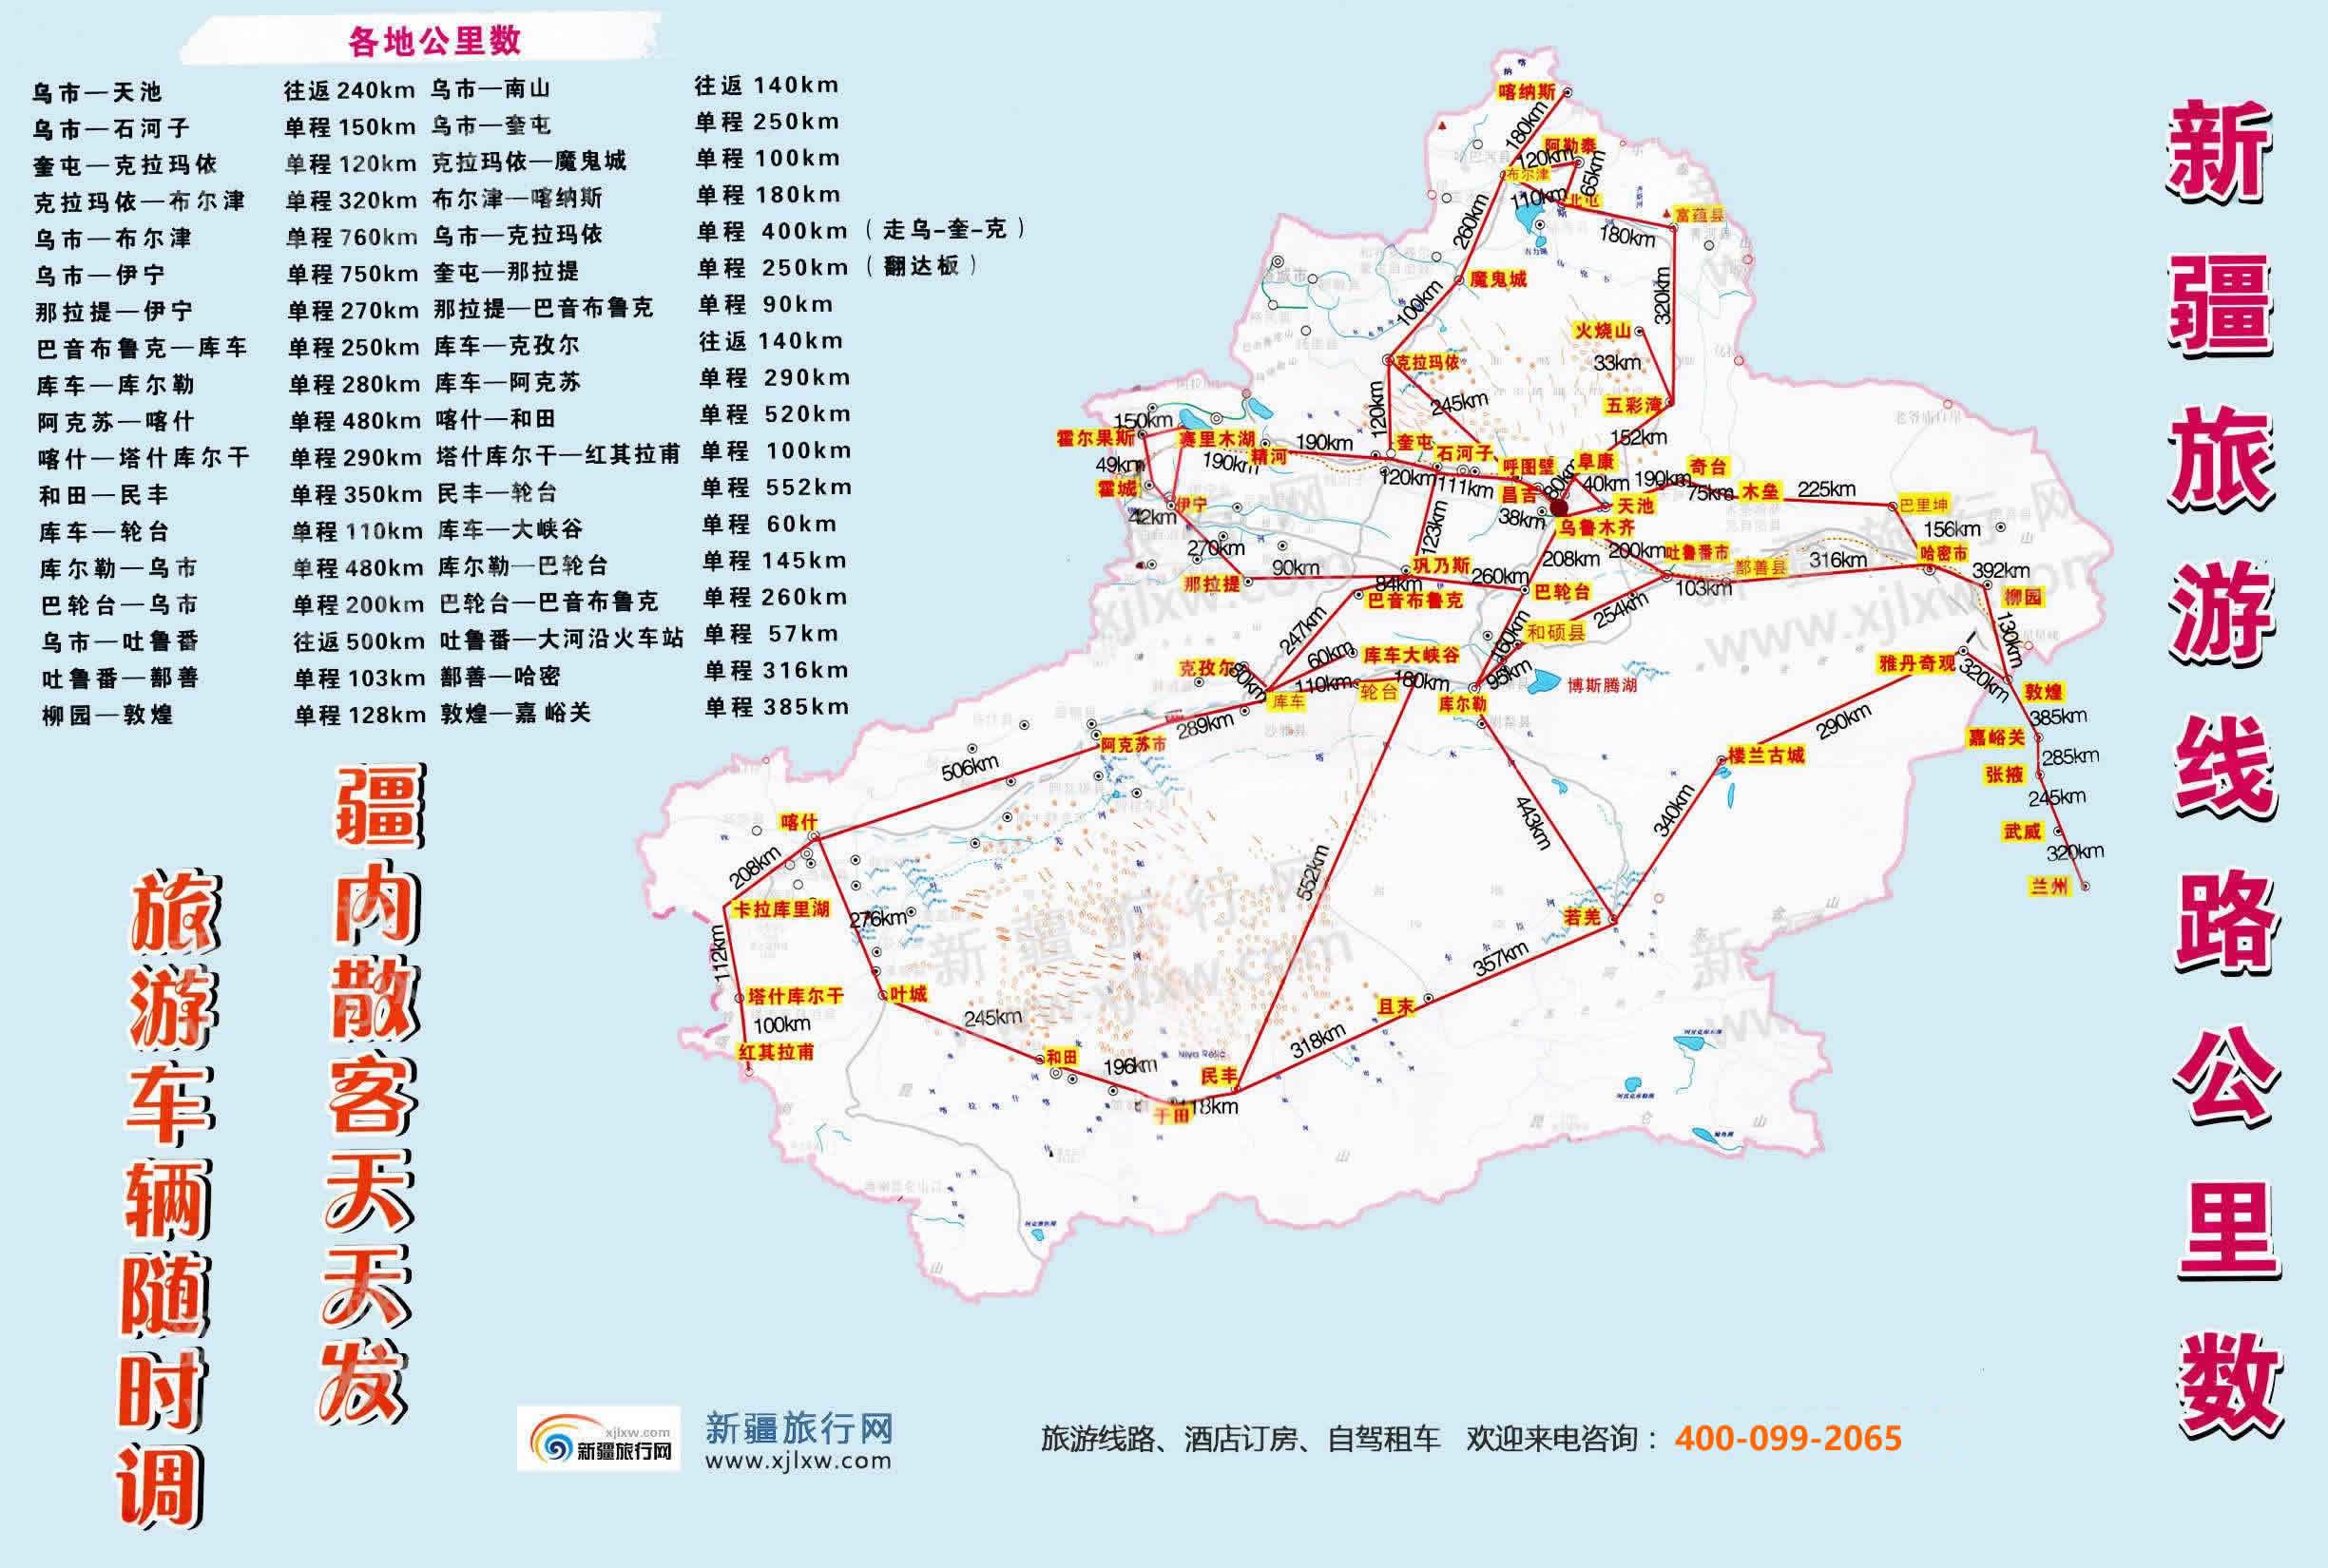 新疆旅游线路图